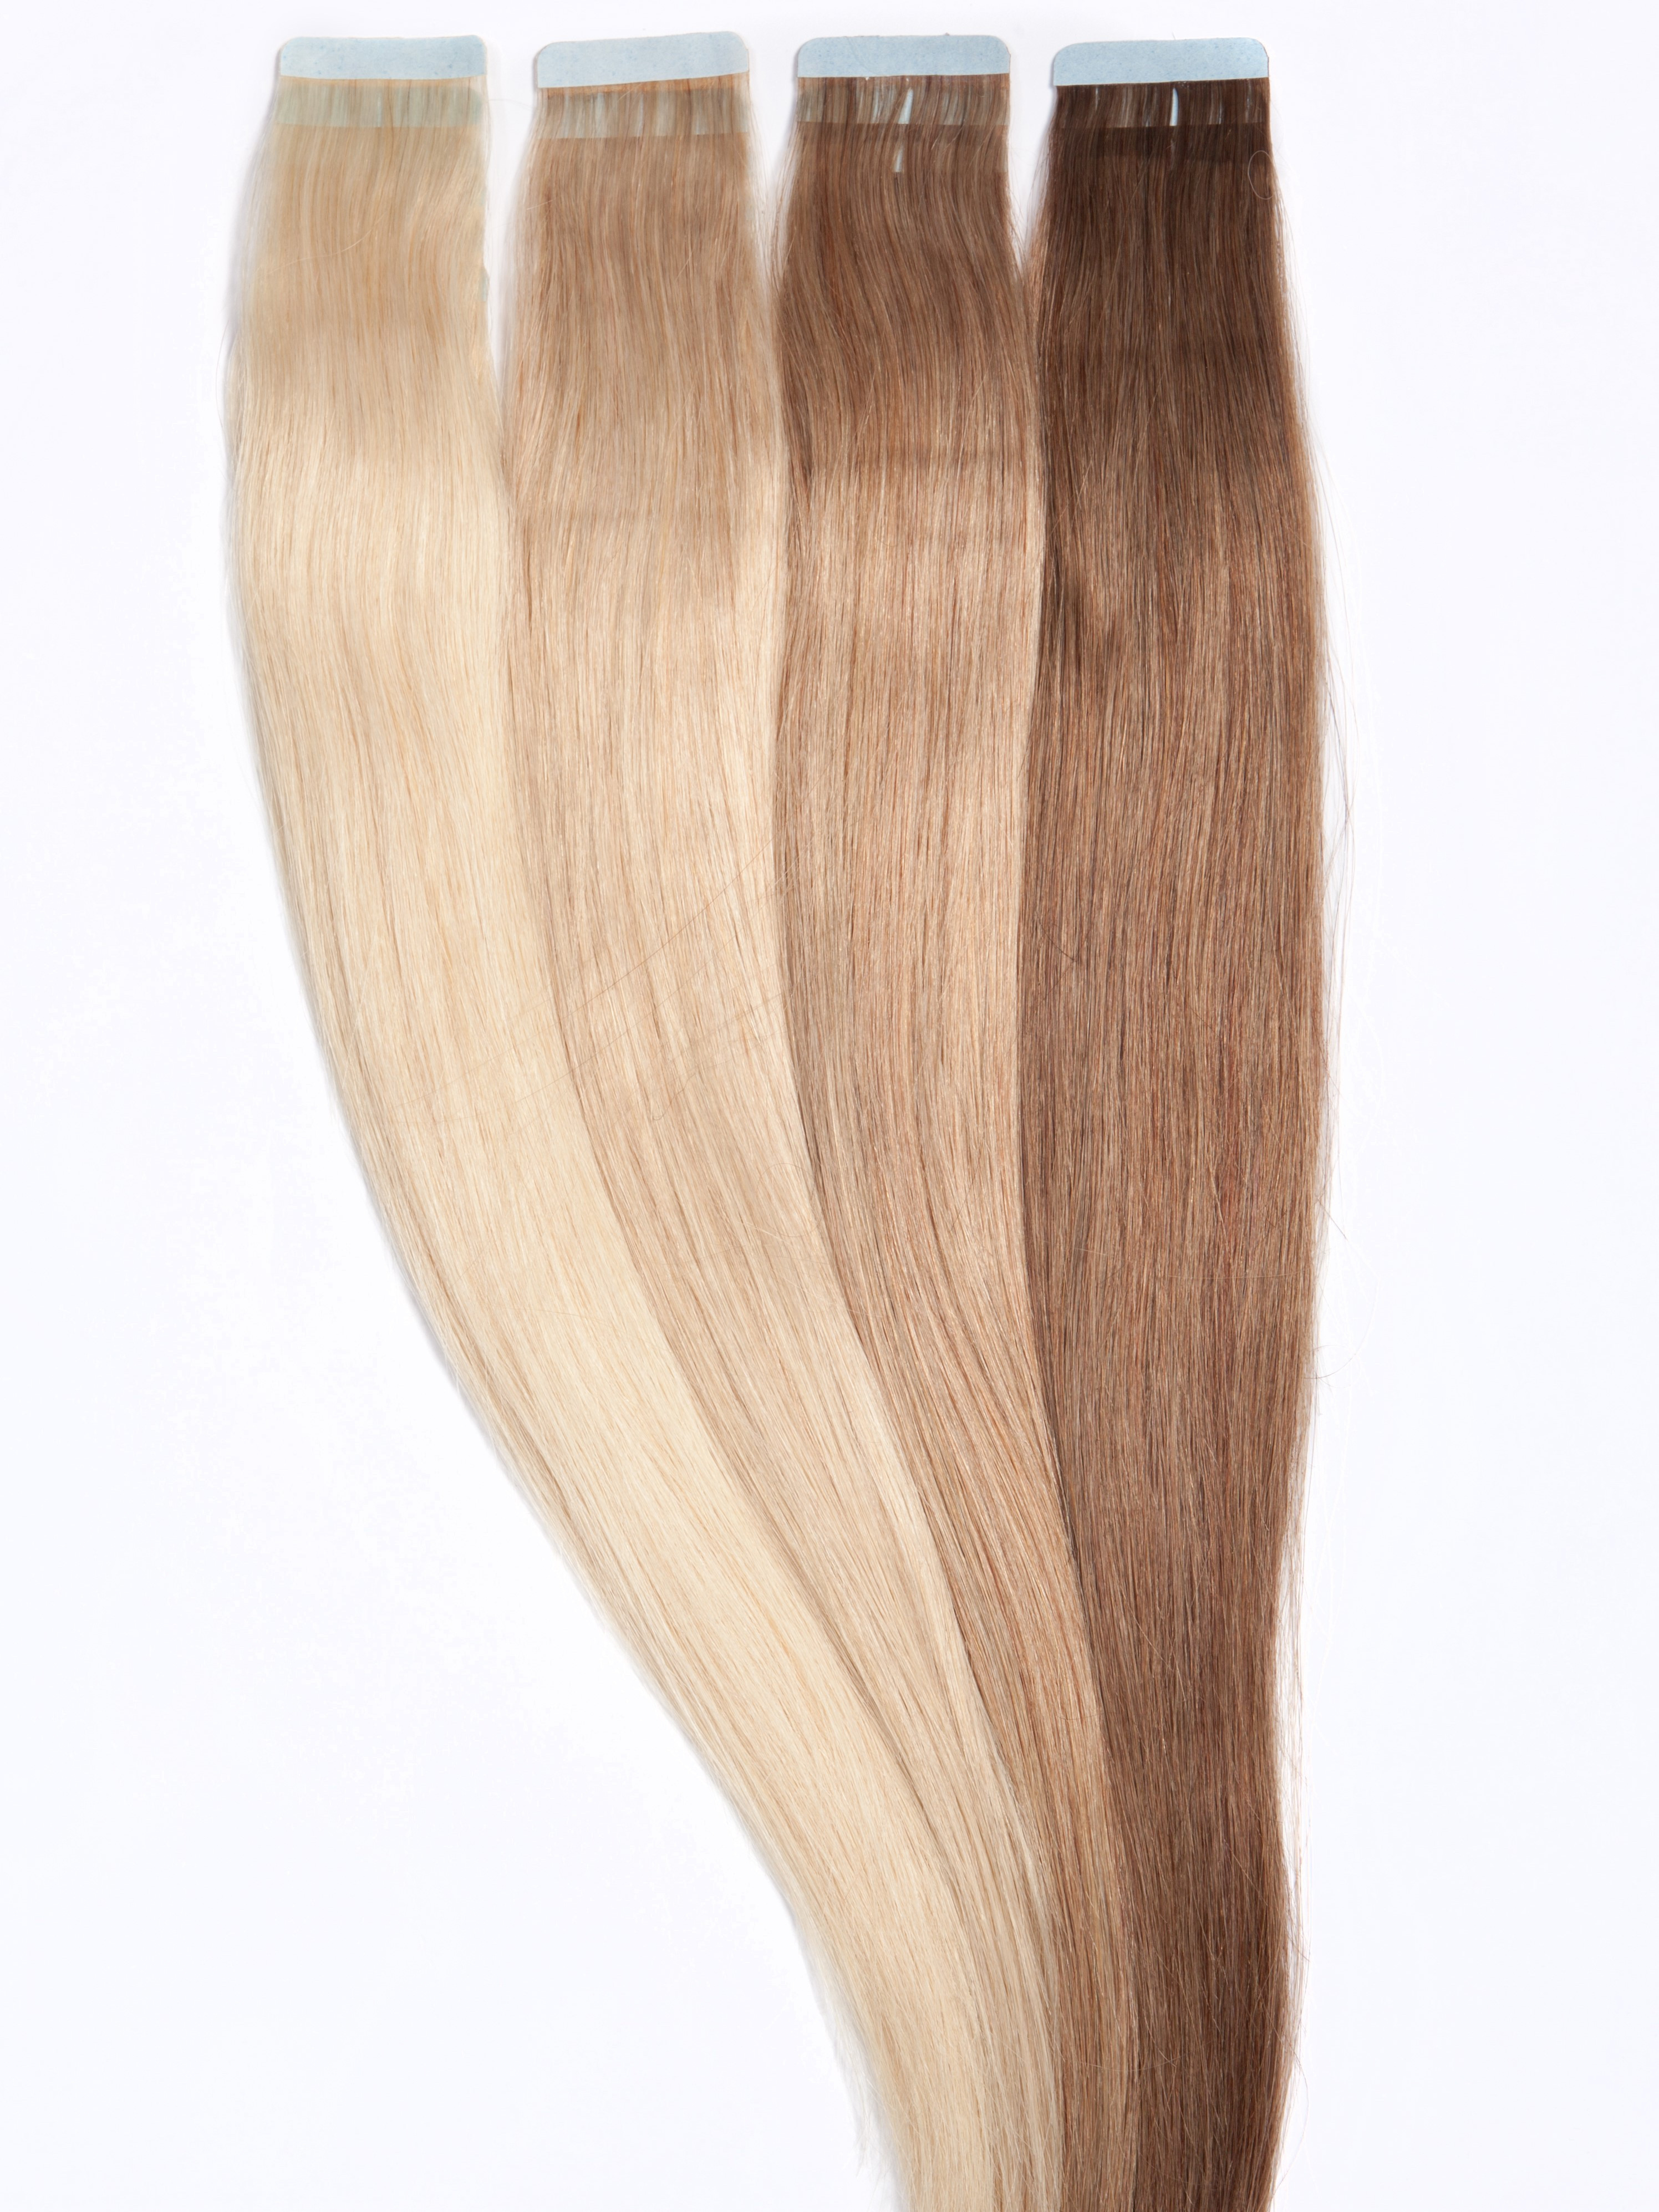 60 cm lange extensions